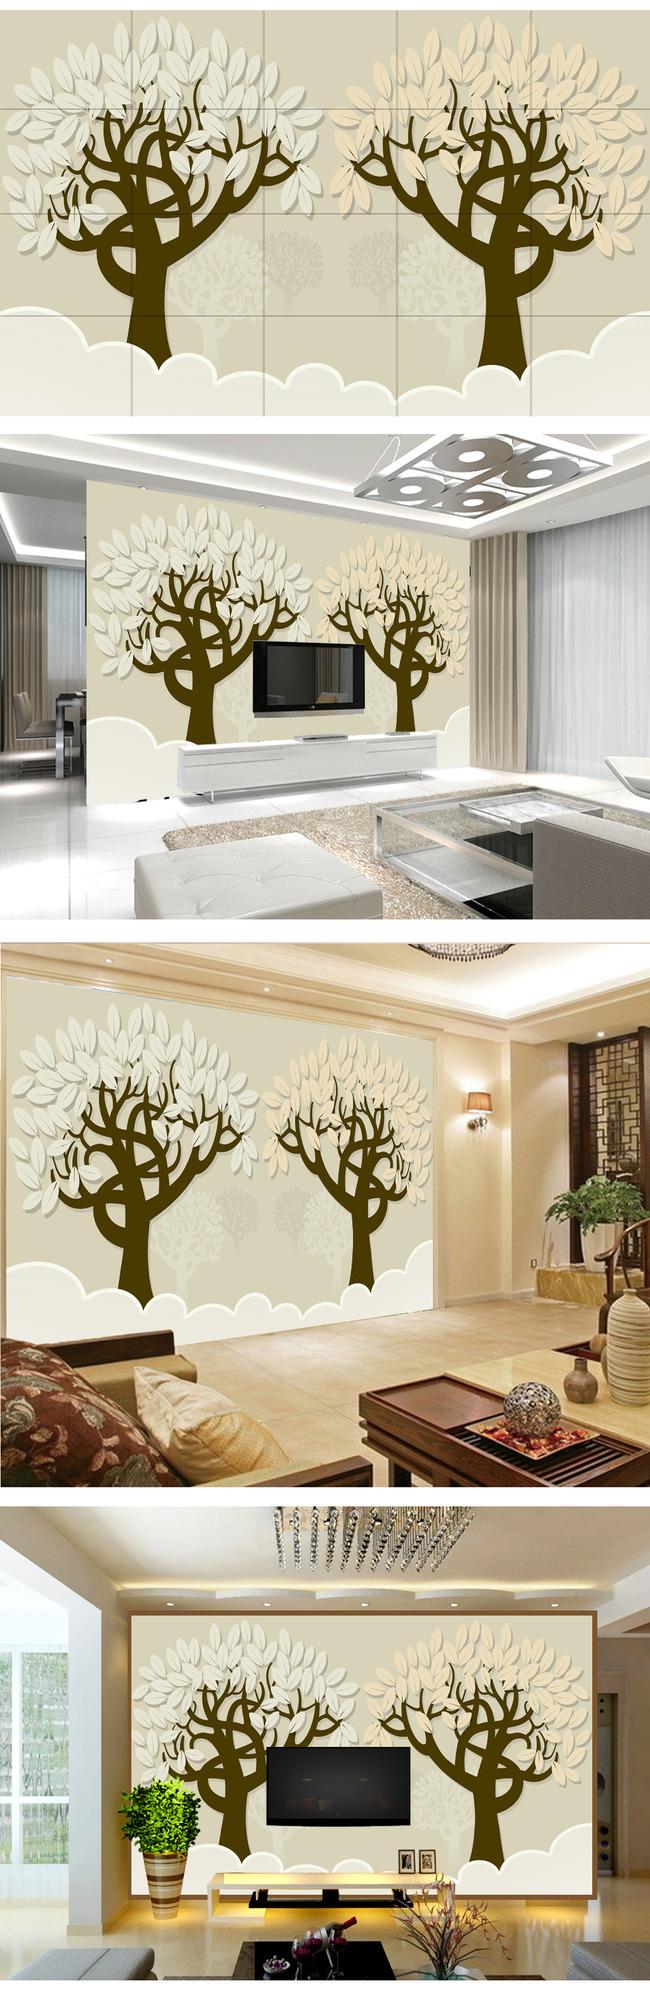 手绘唯美树背景墙